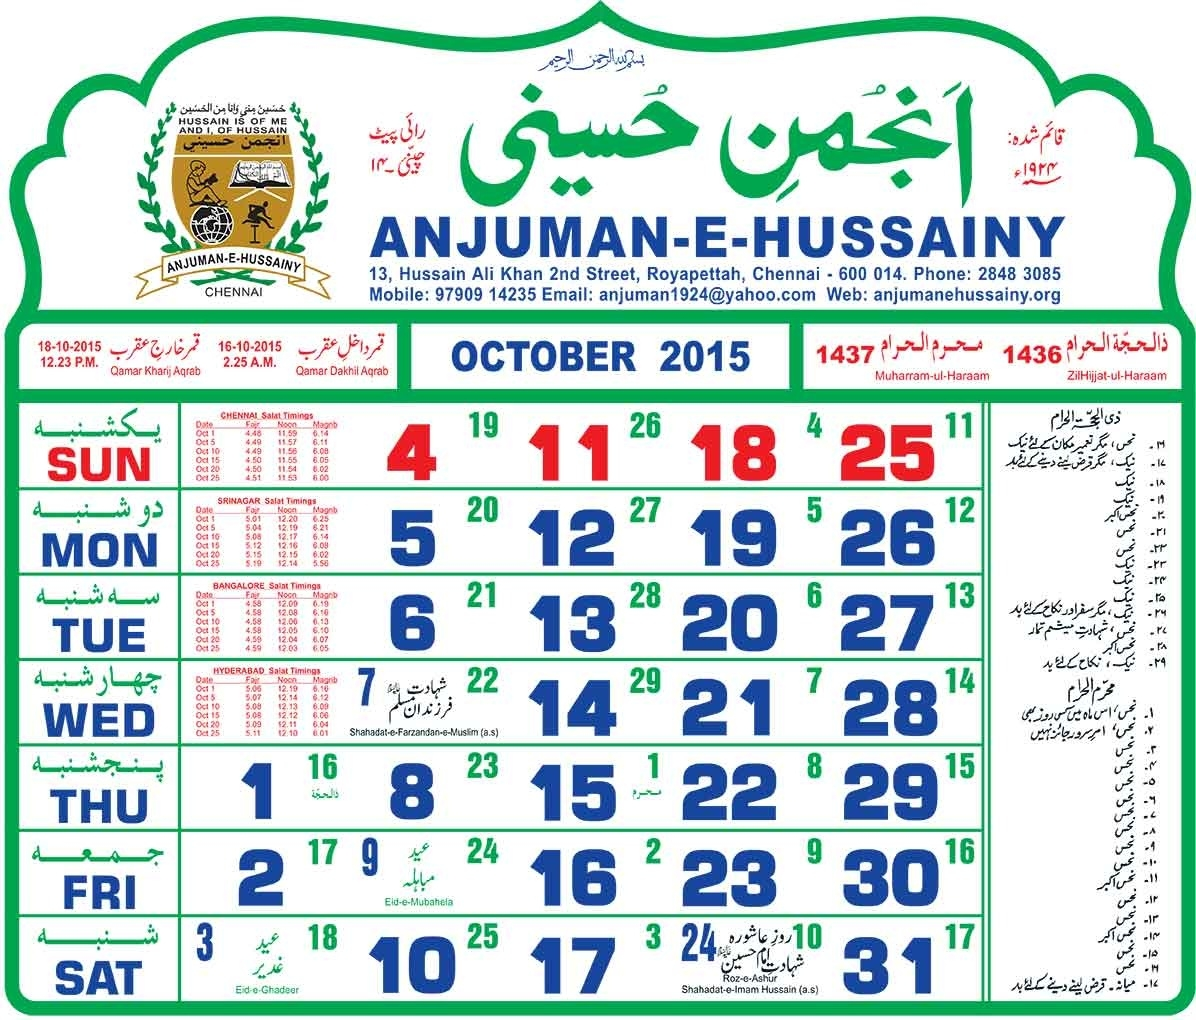 Gregorian Islamic Calendar 2017 – Blank Calendar 2018  Urdu Calendar Of Year 2000 Month December